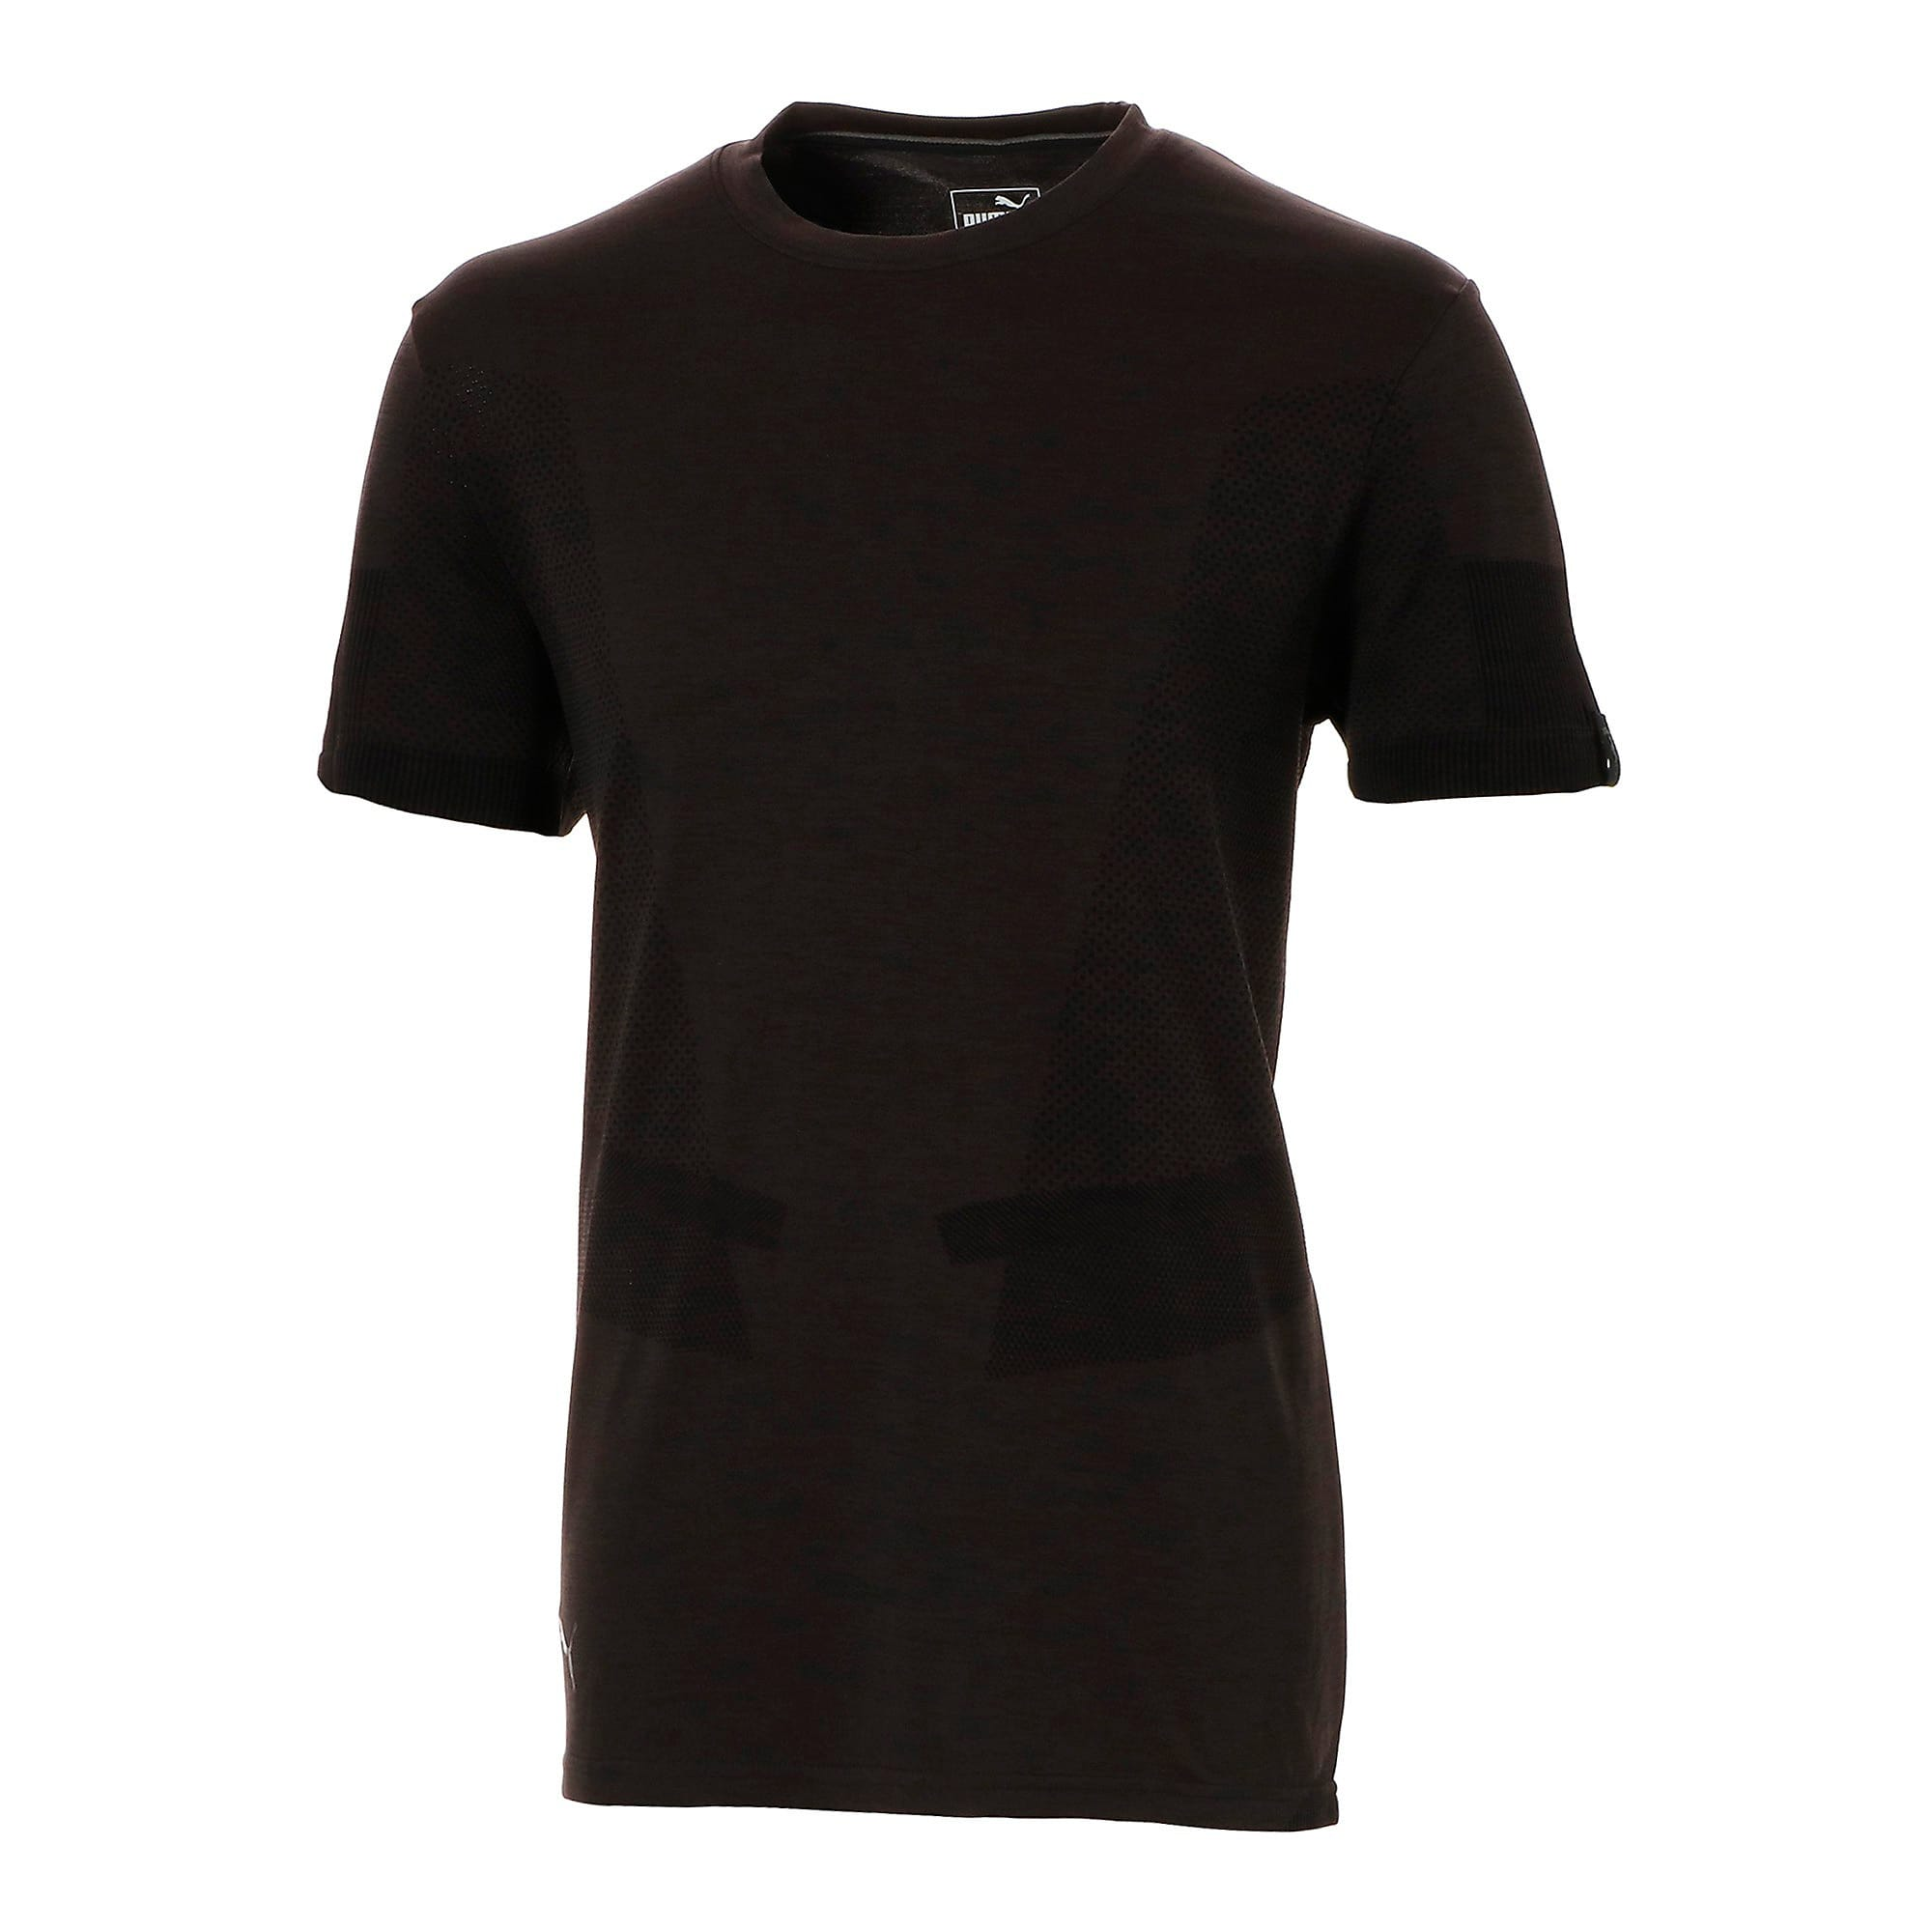 Miniatura 1 de Camiseta Scuderia FerrarievoKNIT para hombre, Puma Black, mediano